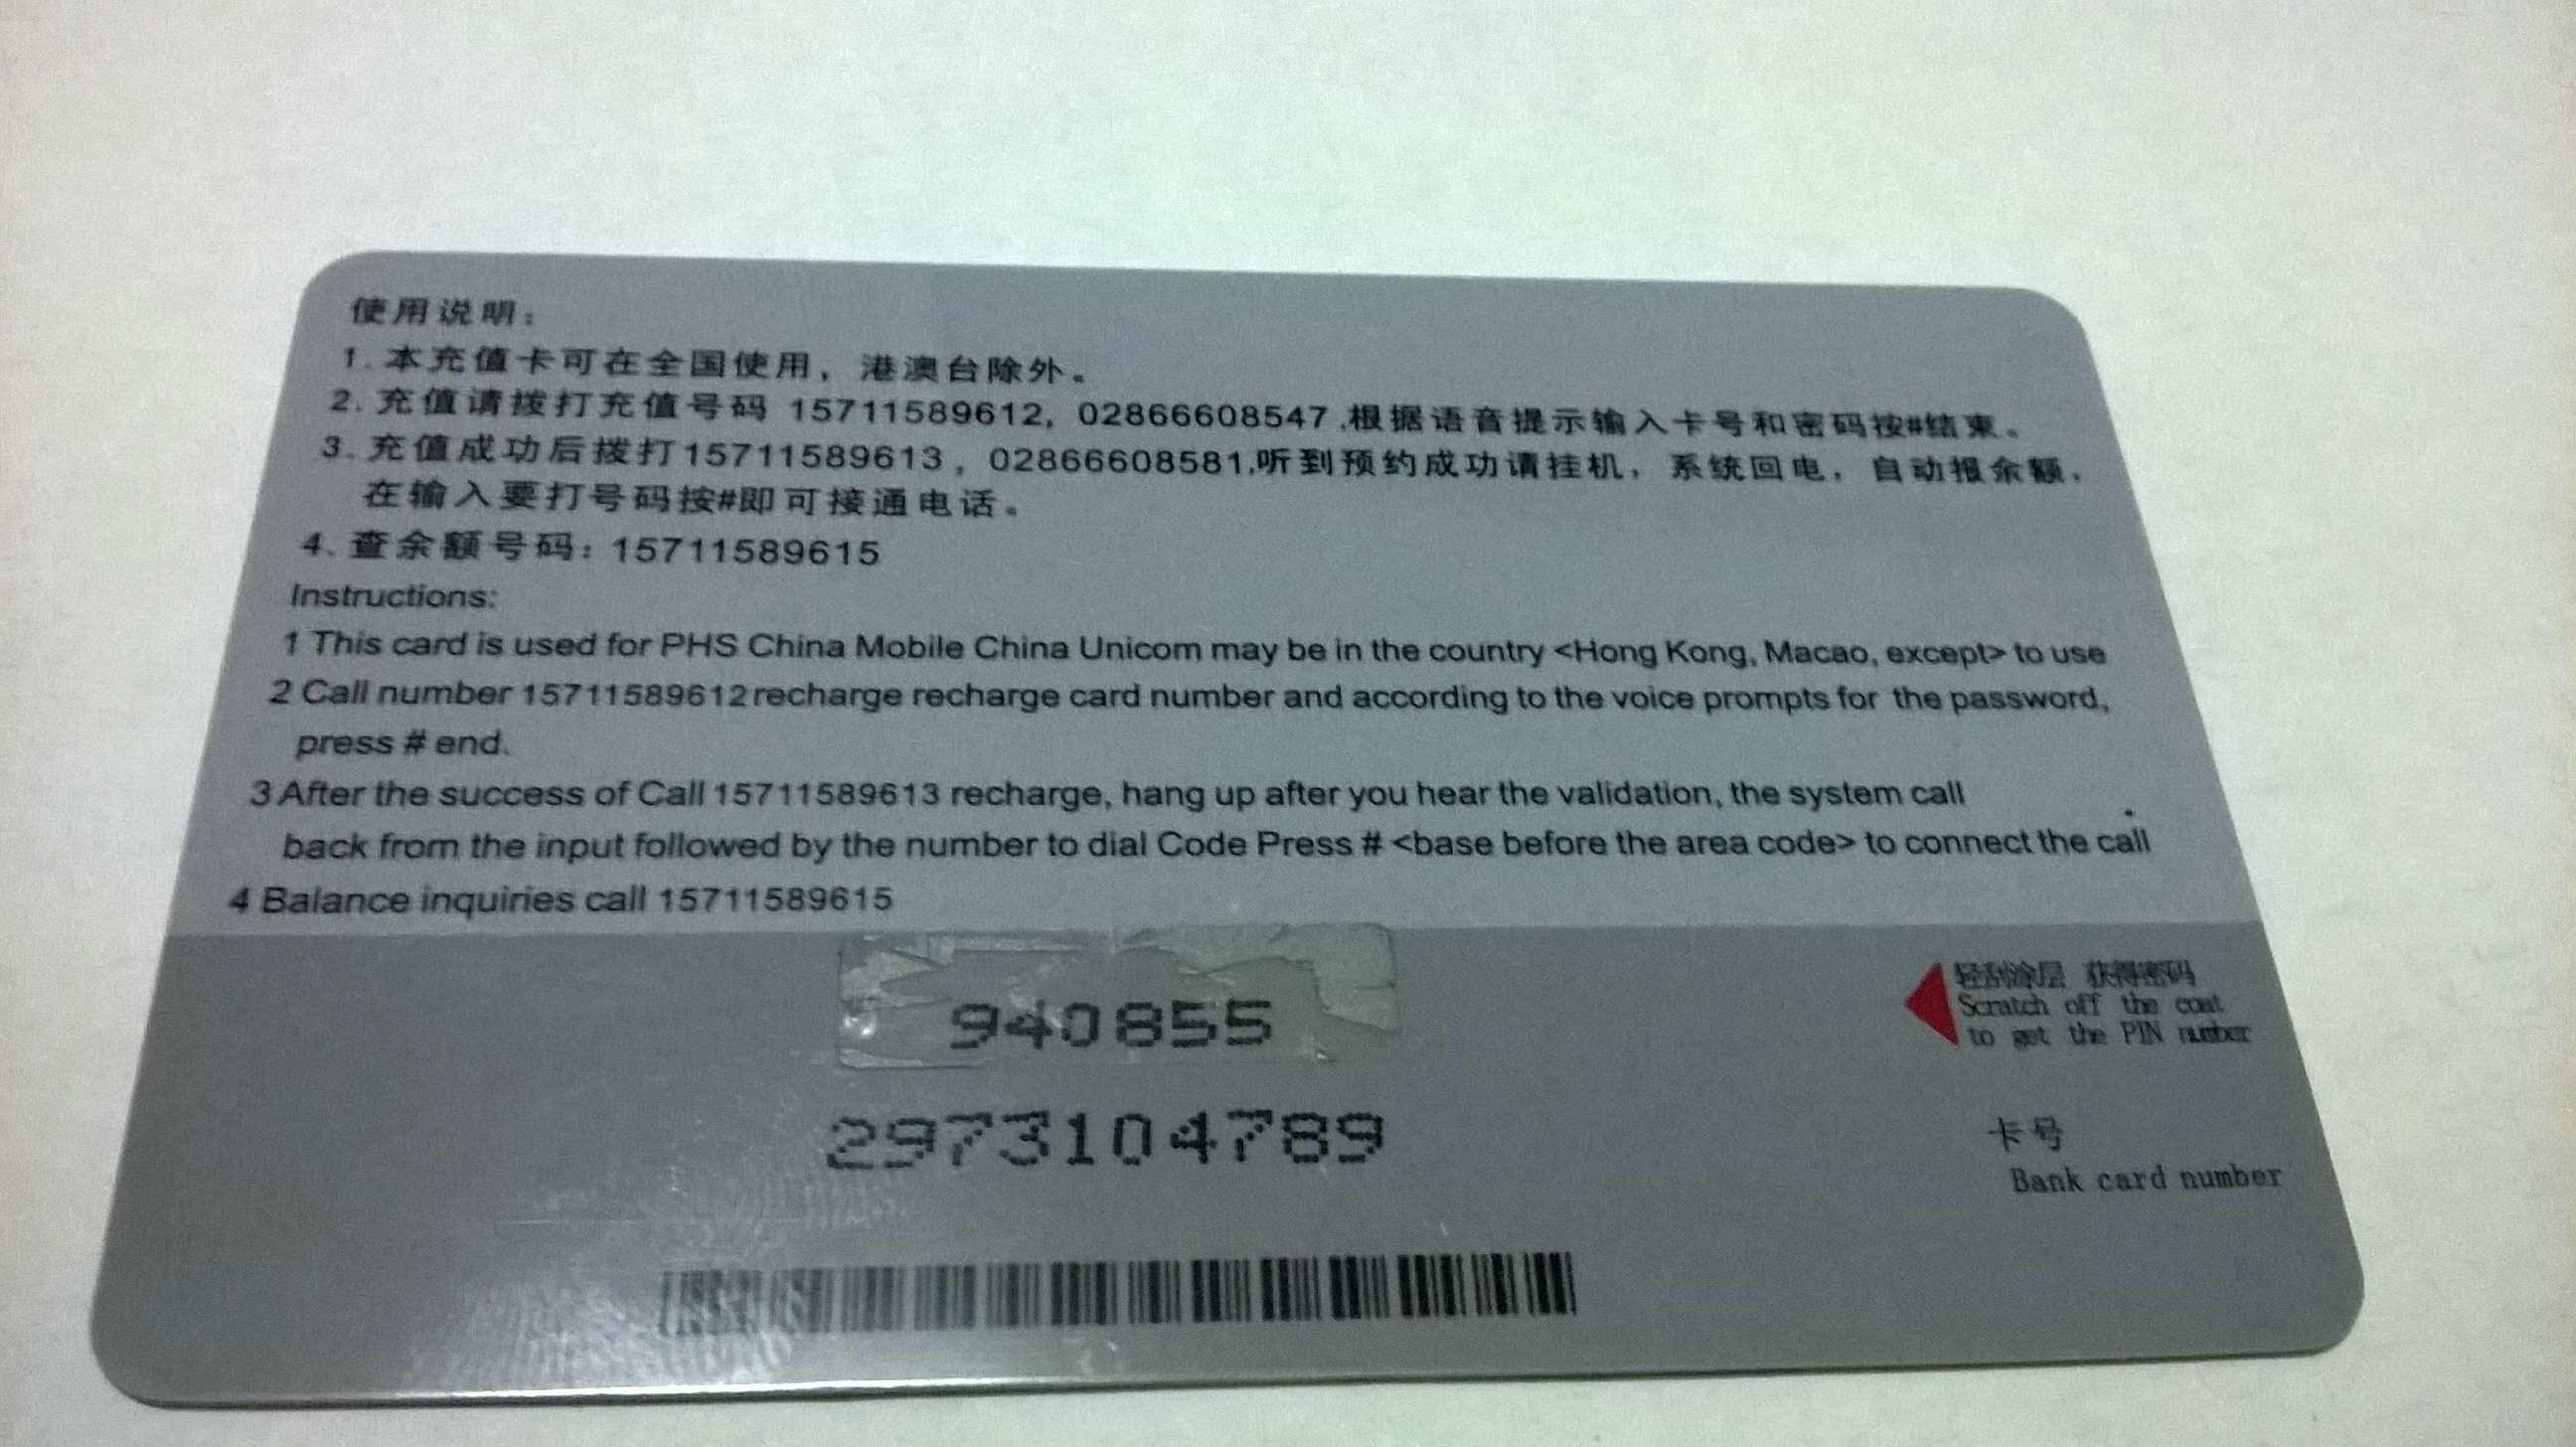 ipadtv诈骗:200回拨电话卡背面